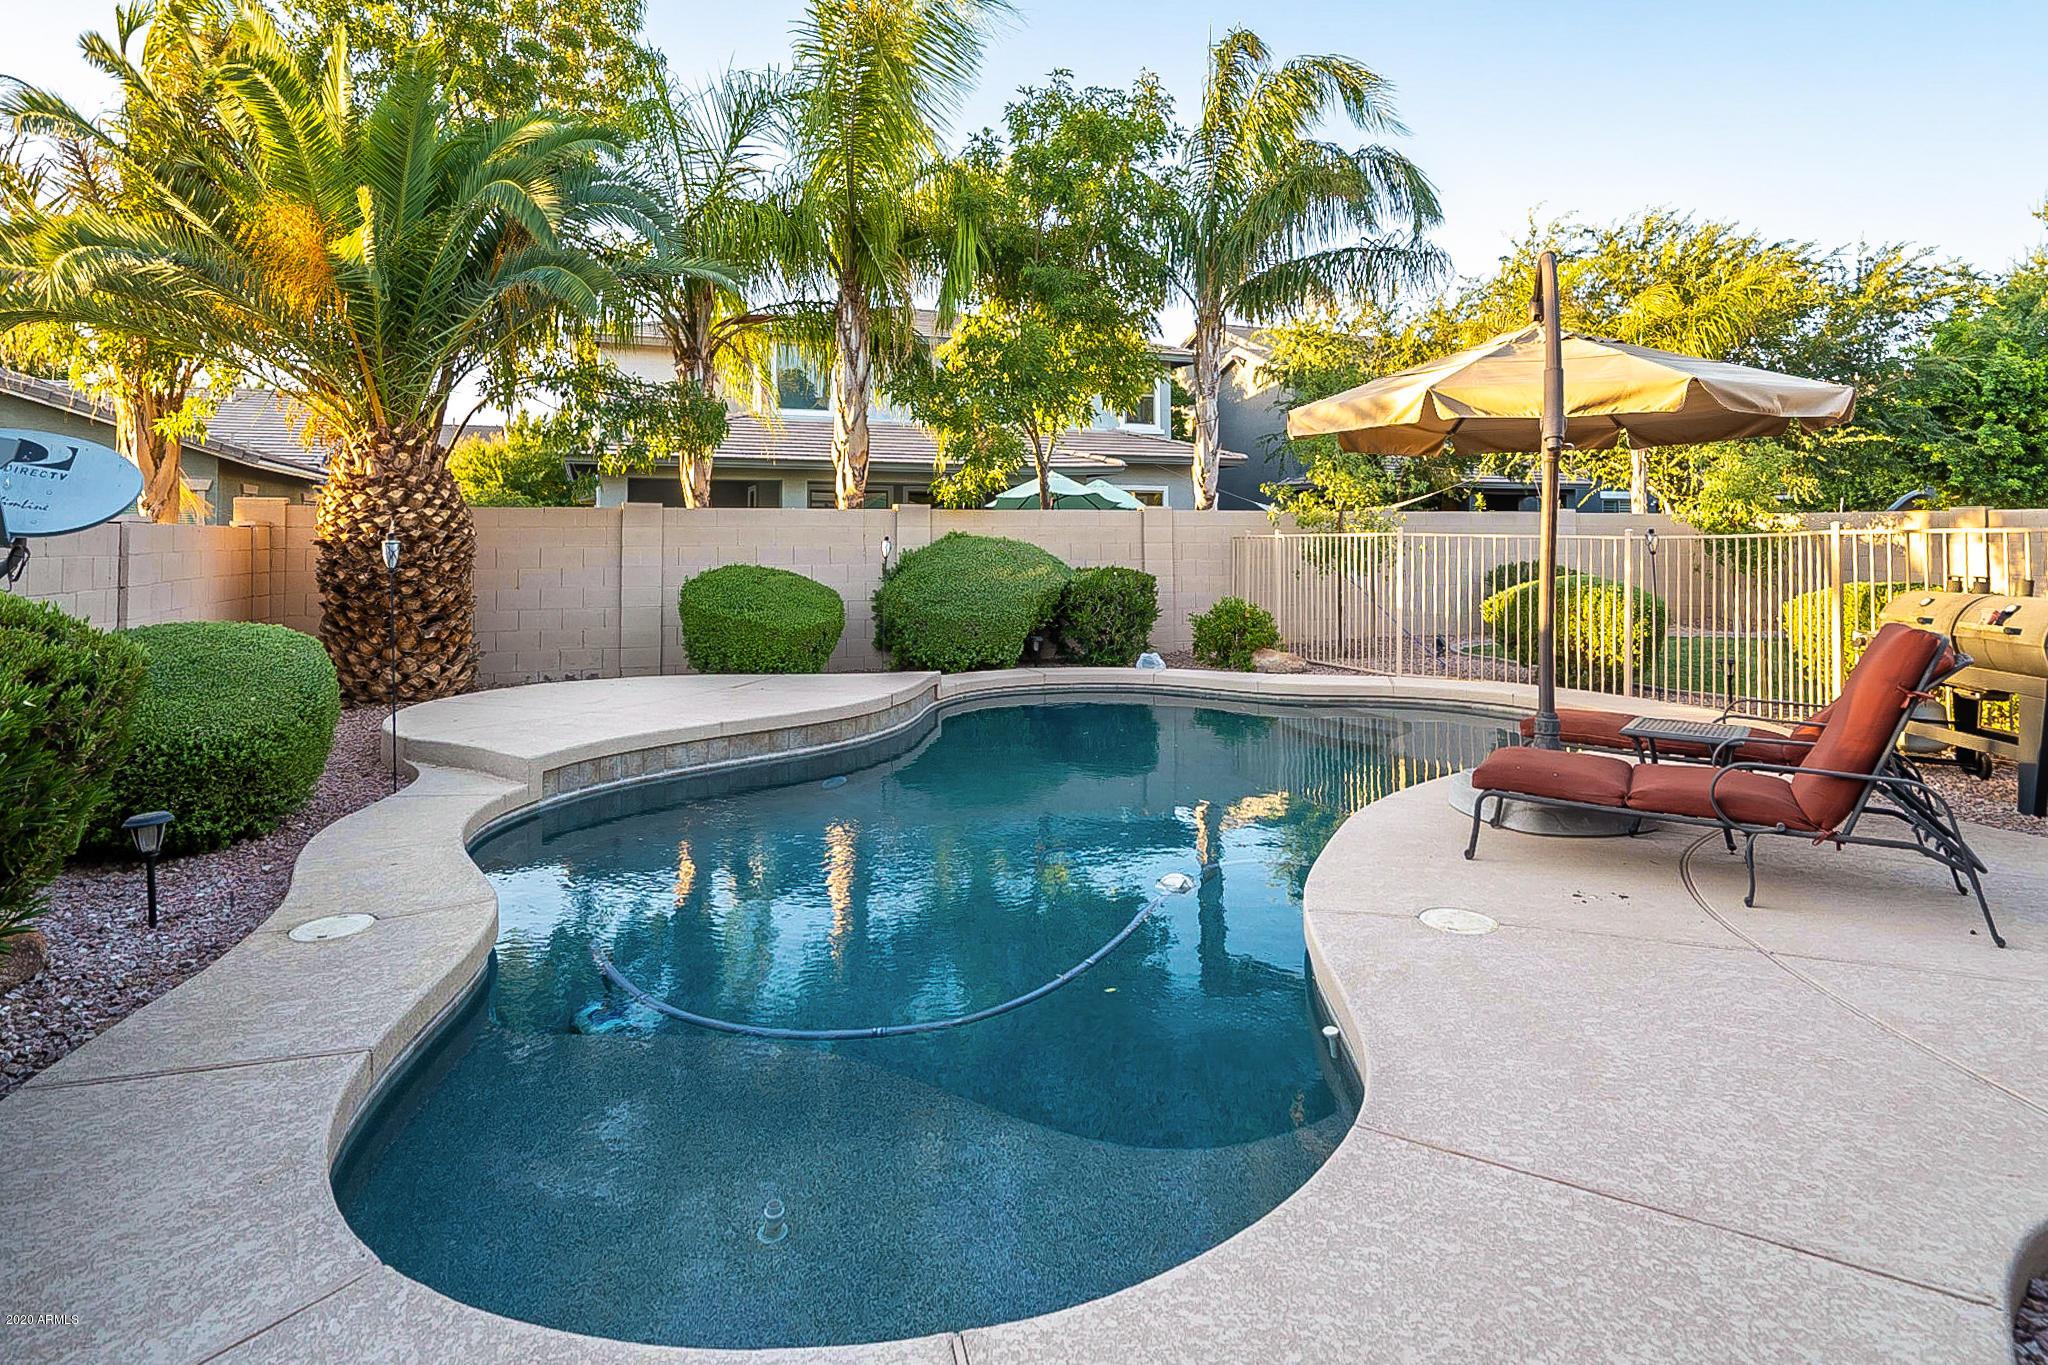 MLS 6104341 3938 E MORRISON RANCH Parkway, Gilbert, AZ 85296 Morrison Ranch